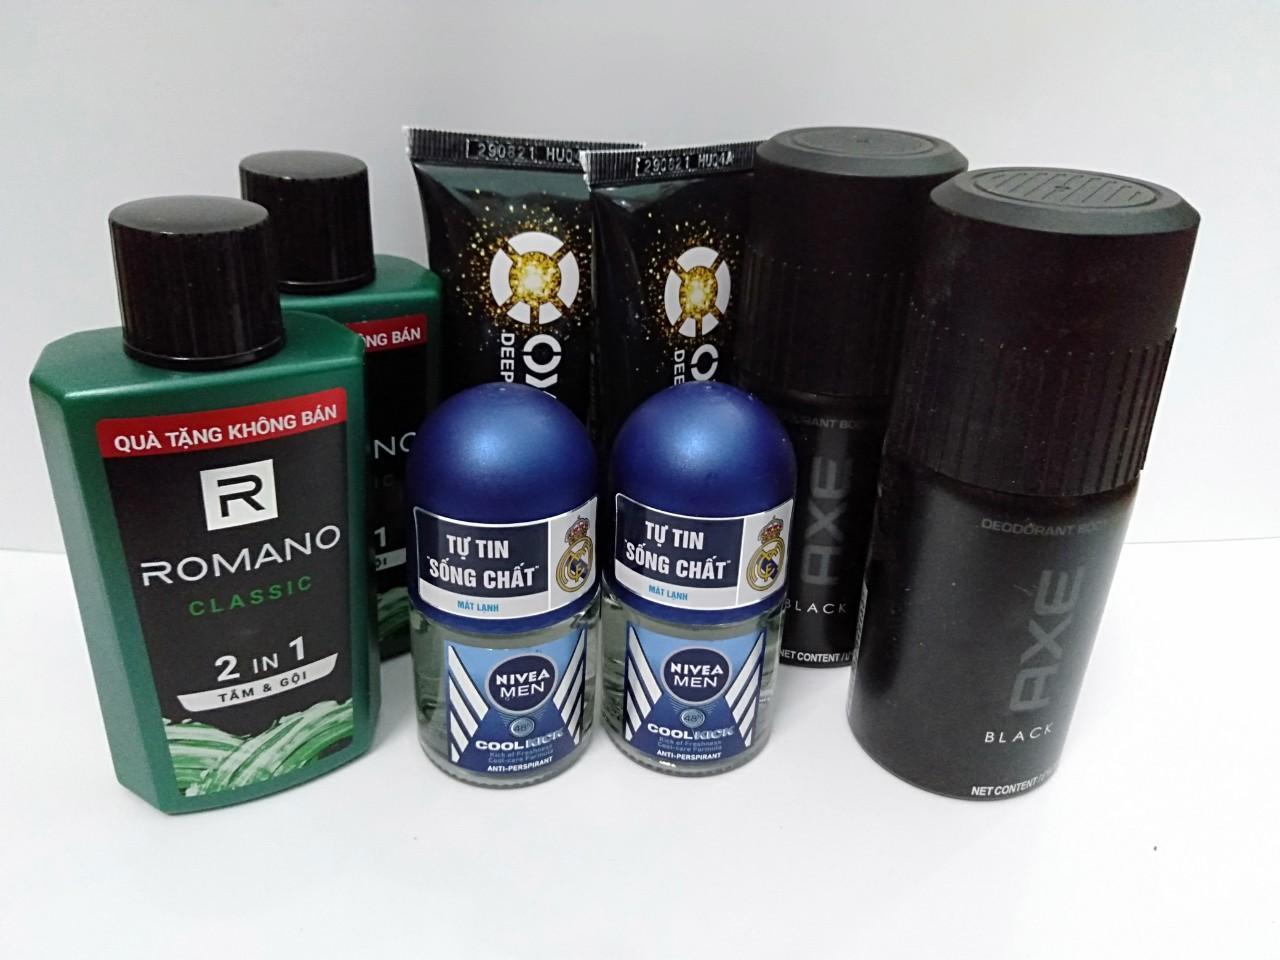 Trọn bộ dành cho nam giới 8 món gồm: 2 Chai dầu tắm gội hương nước hoa Romano 2in1 60g + 2 Chai xịt khử mùi Axe 50ml + 2 Chai lăn khử mùi Nivea for men 12ml + Tặng 2 Tuýp rửa mặt Oxy 25g